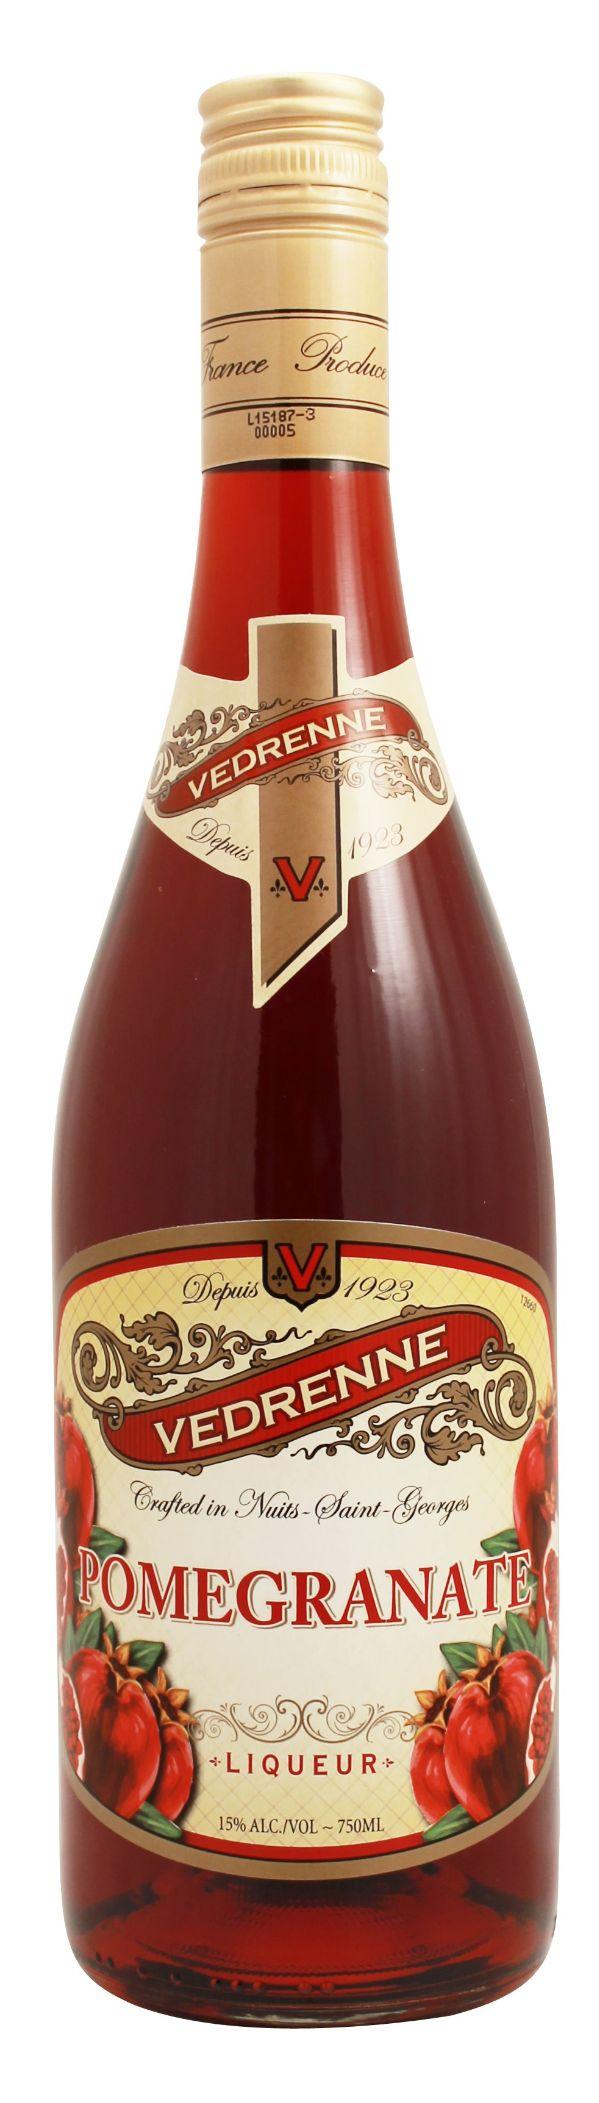 Vedrenne Pomegranate Liqueur